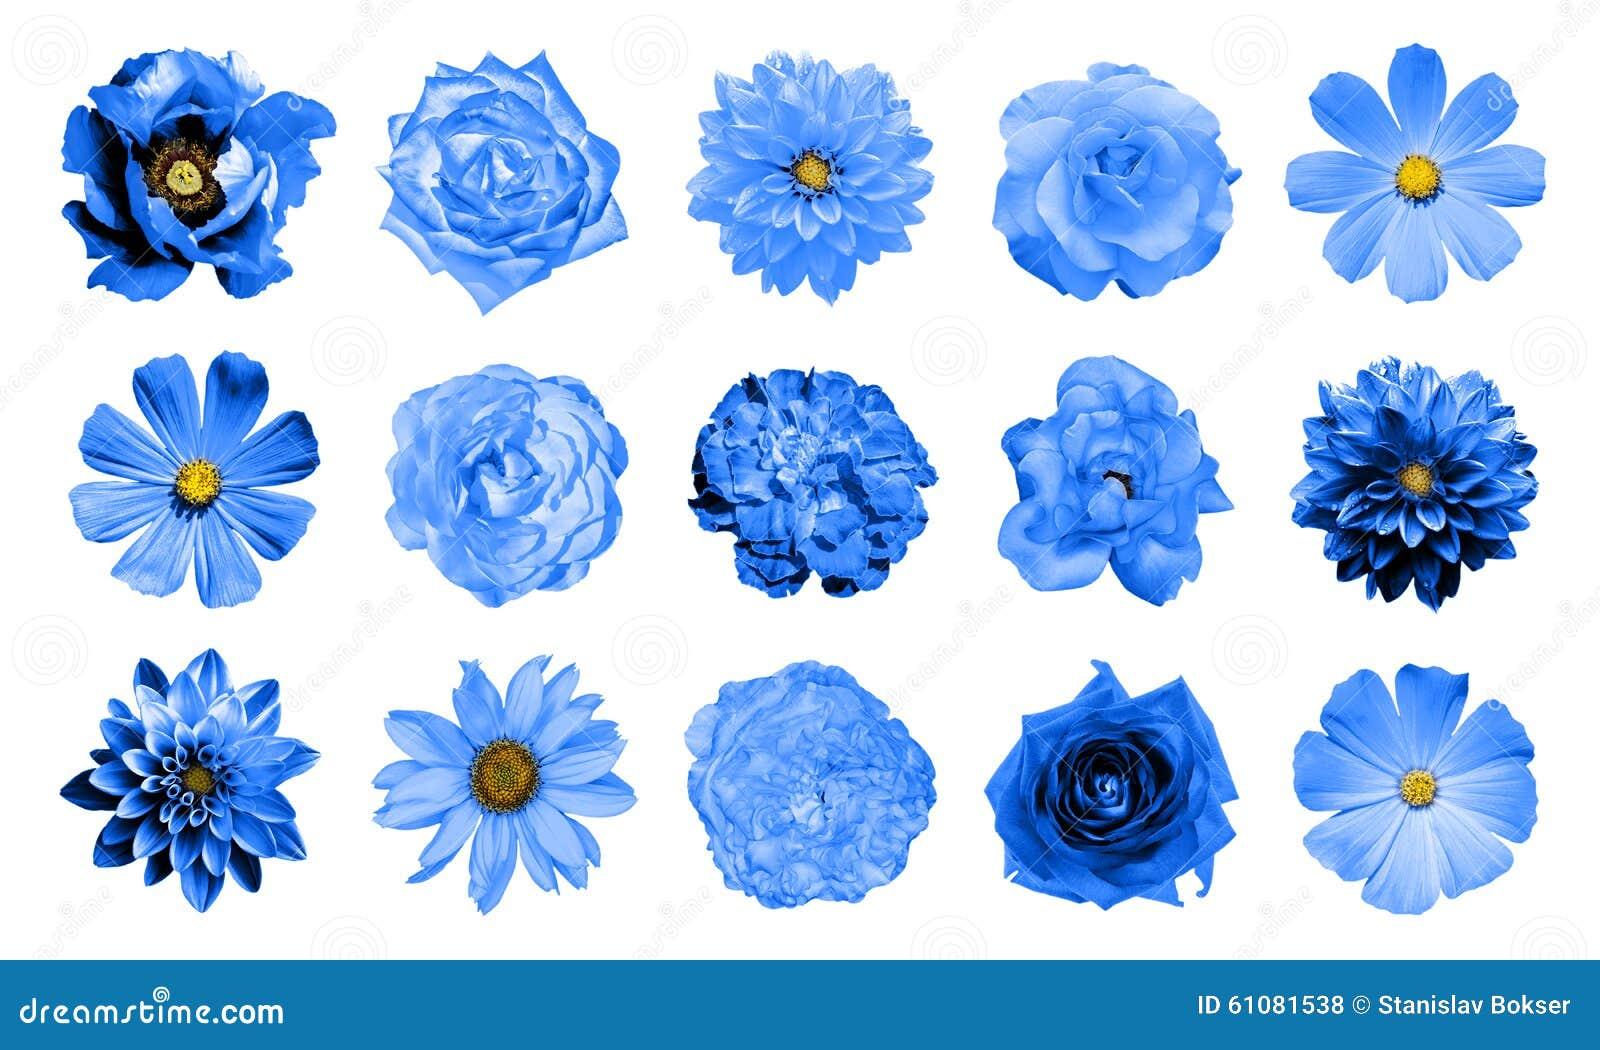 Mescoli il collage dei fiori naturali e surreali 15 del blu in 1: dalie, primule, aster perenne, fiore della margherita, rose, pe